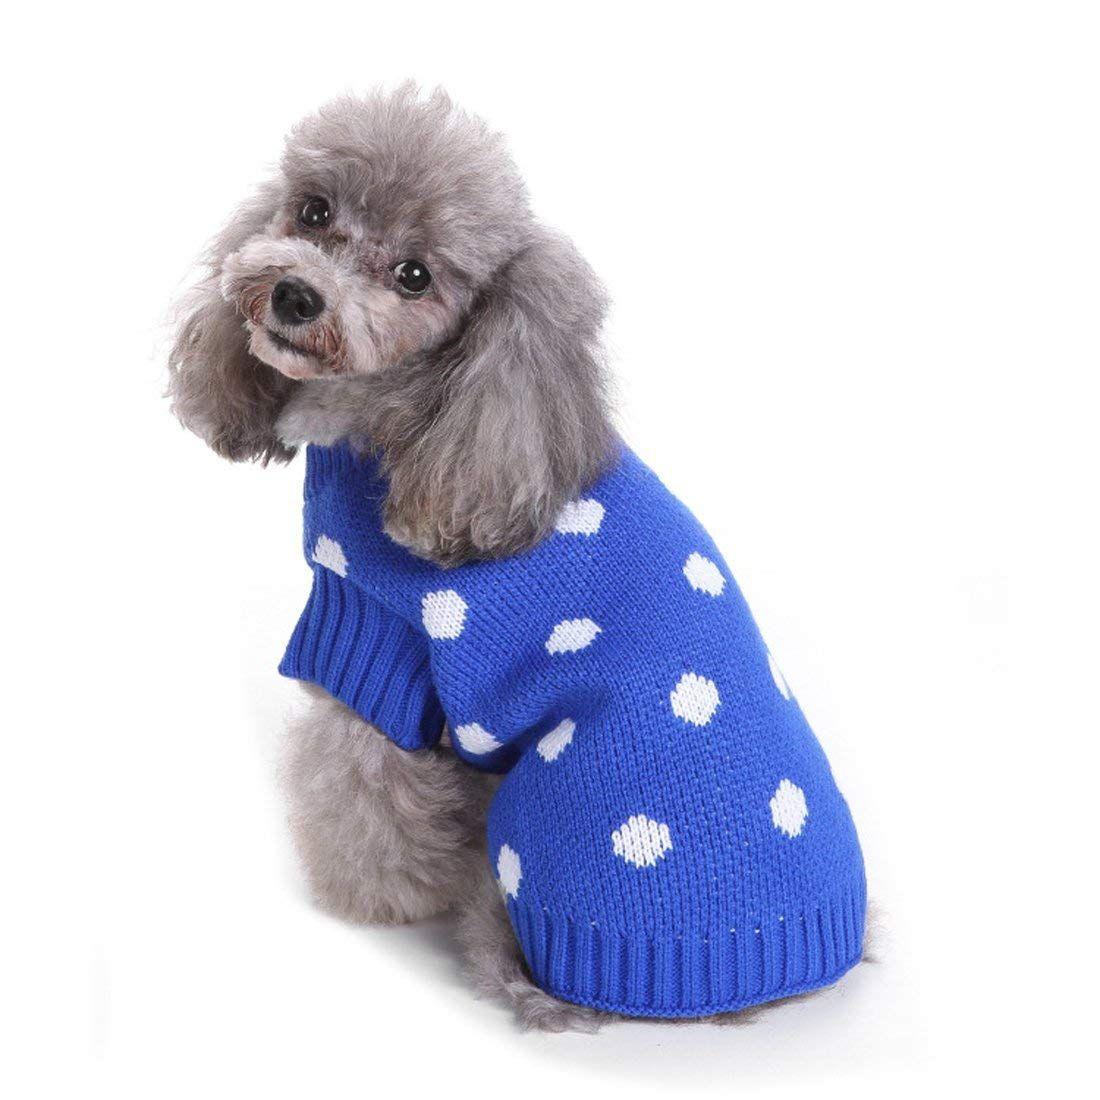 Perro con jersey azul de lunares blancos